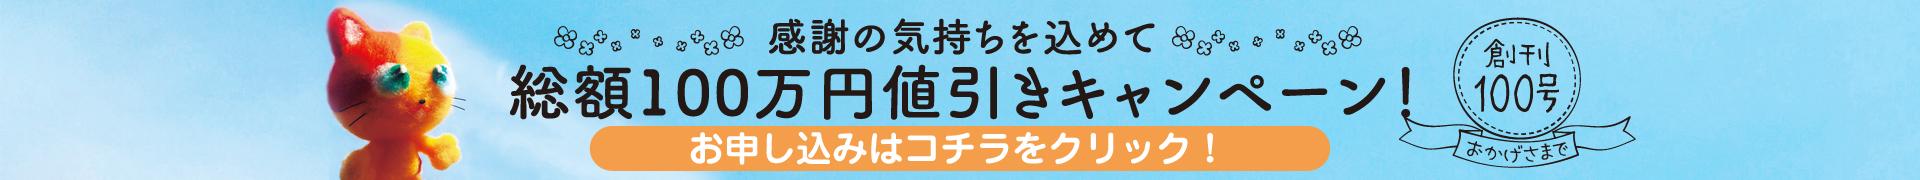 きっトク100号発刊記念